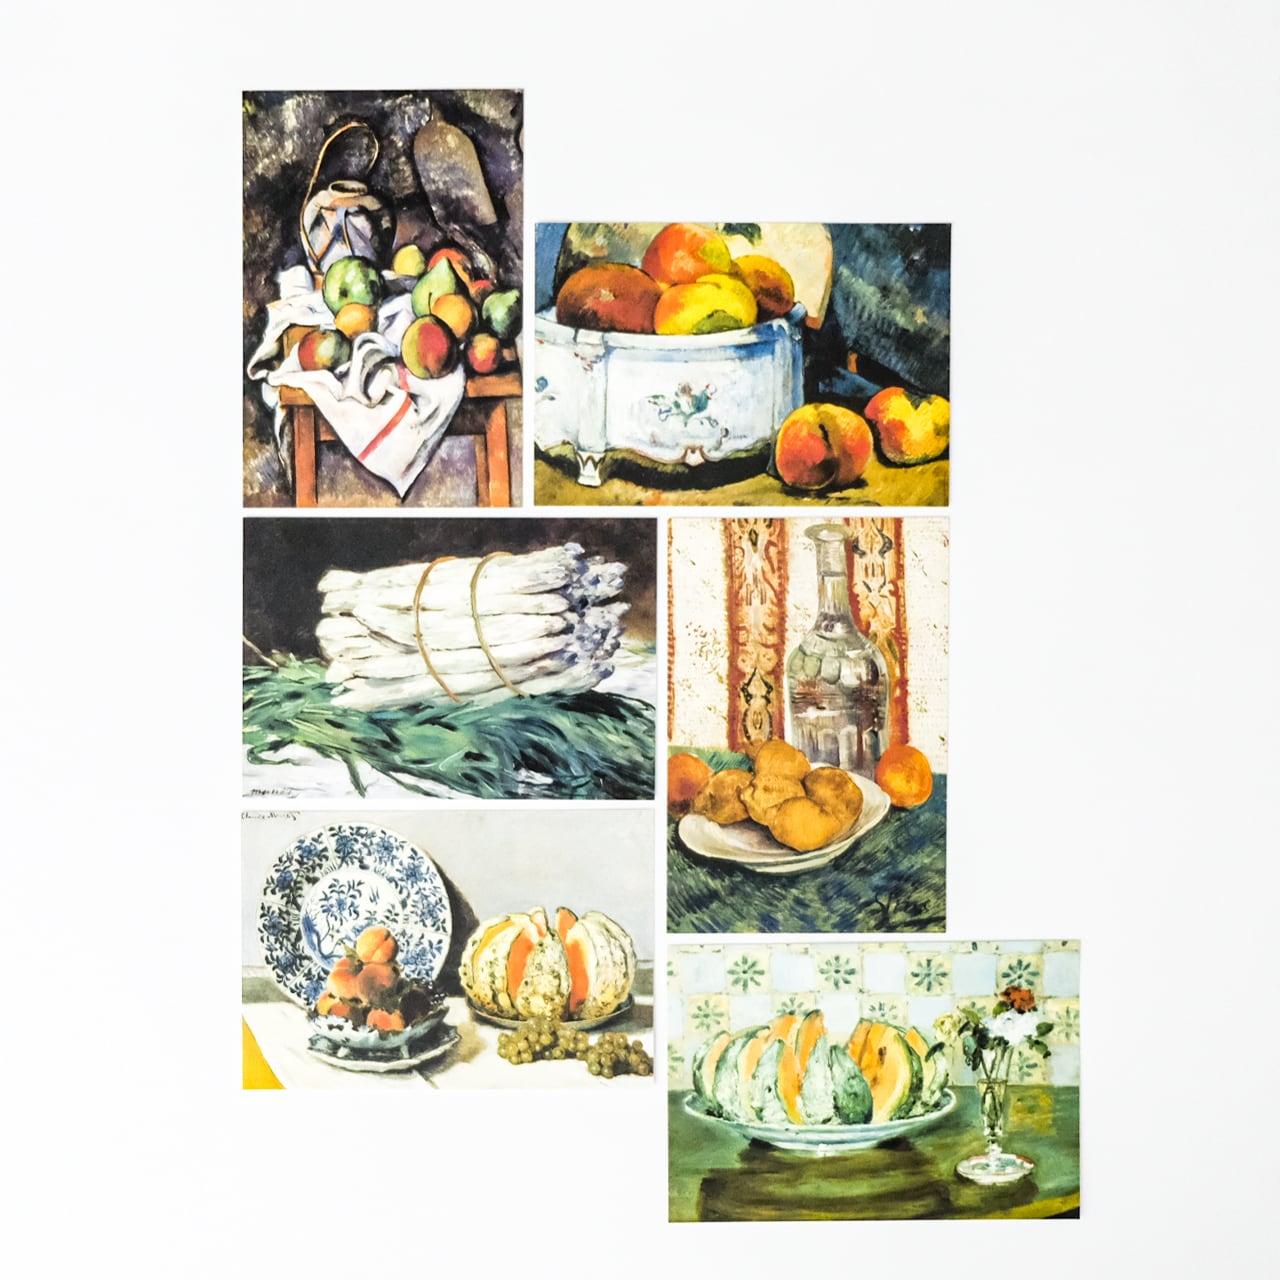 印象派 ポストカード6枚セット 静物画